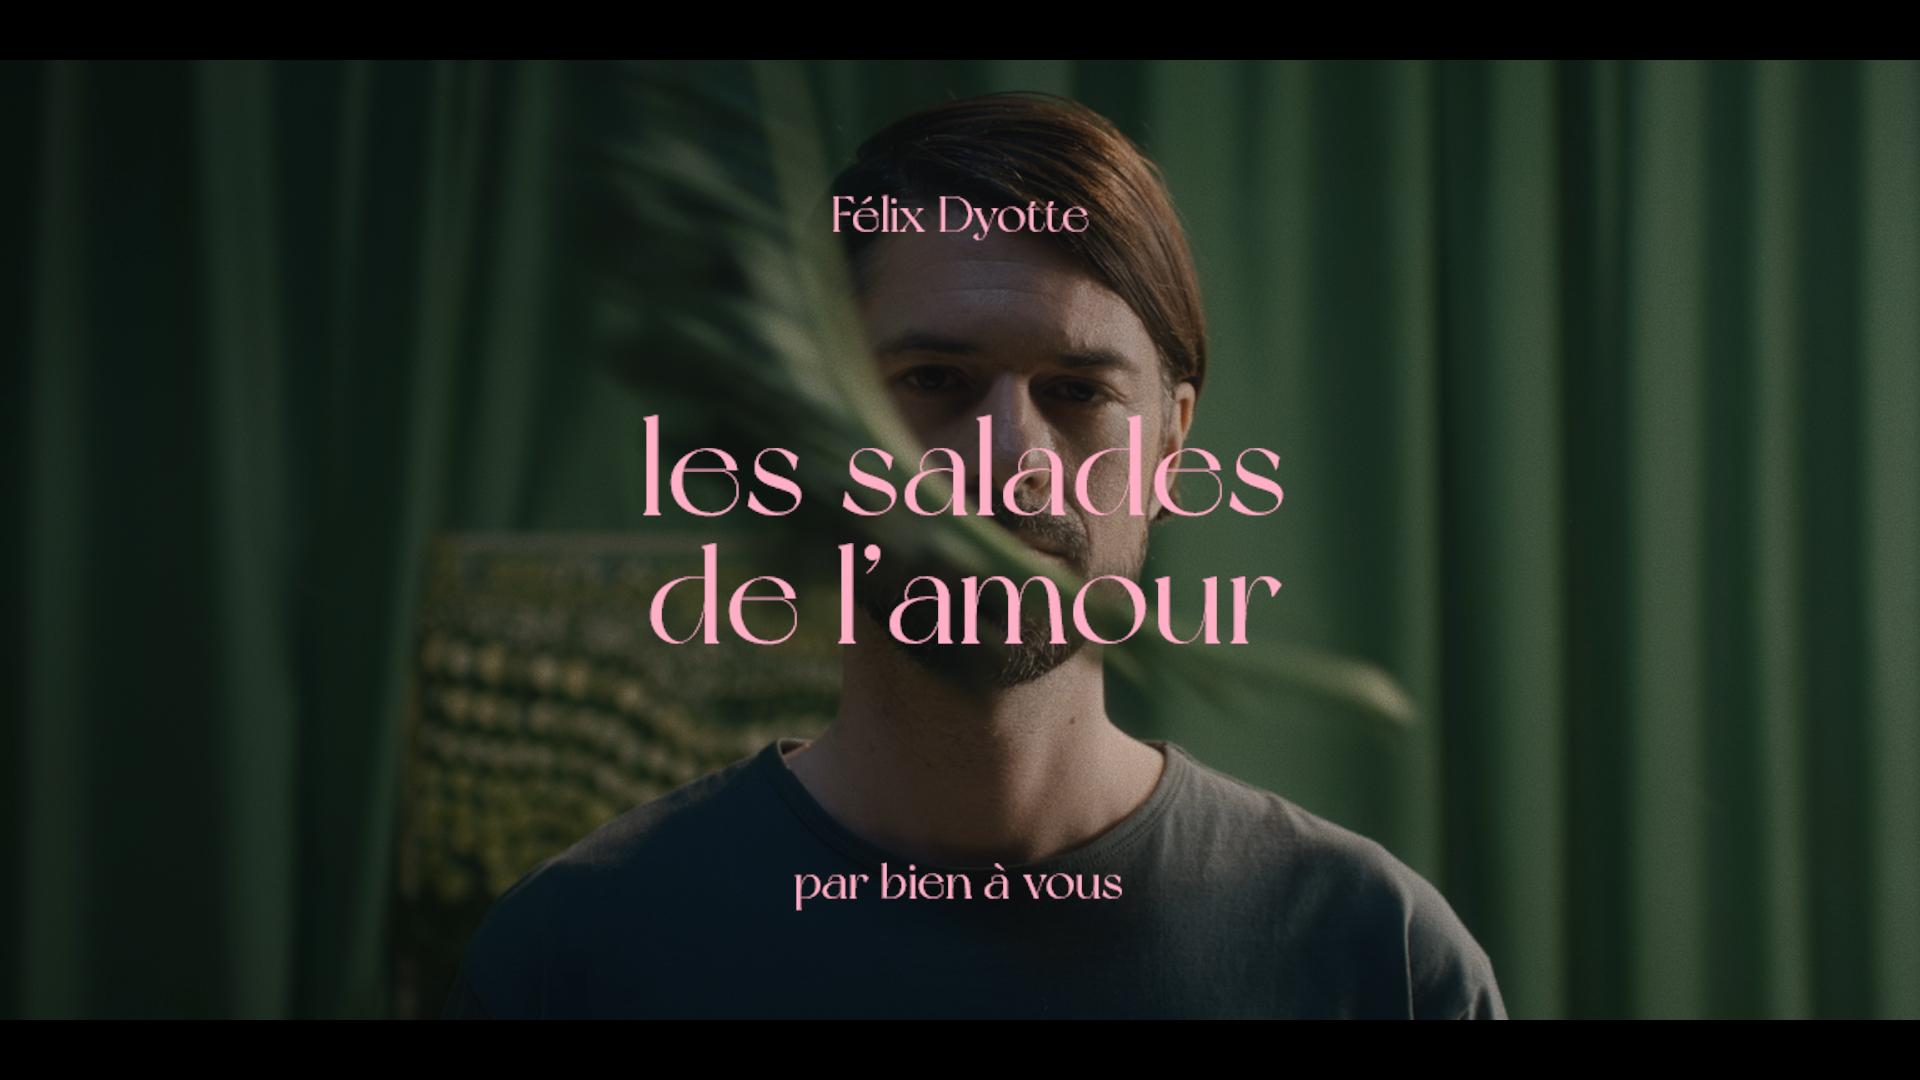 Félix Dyotte